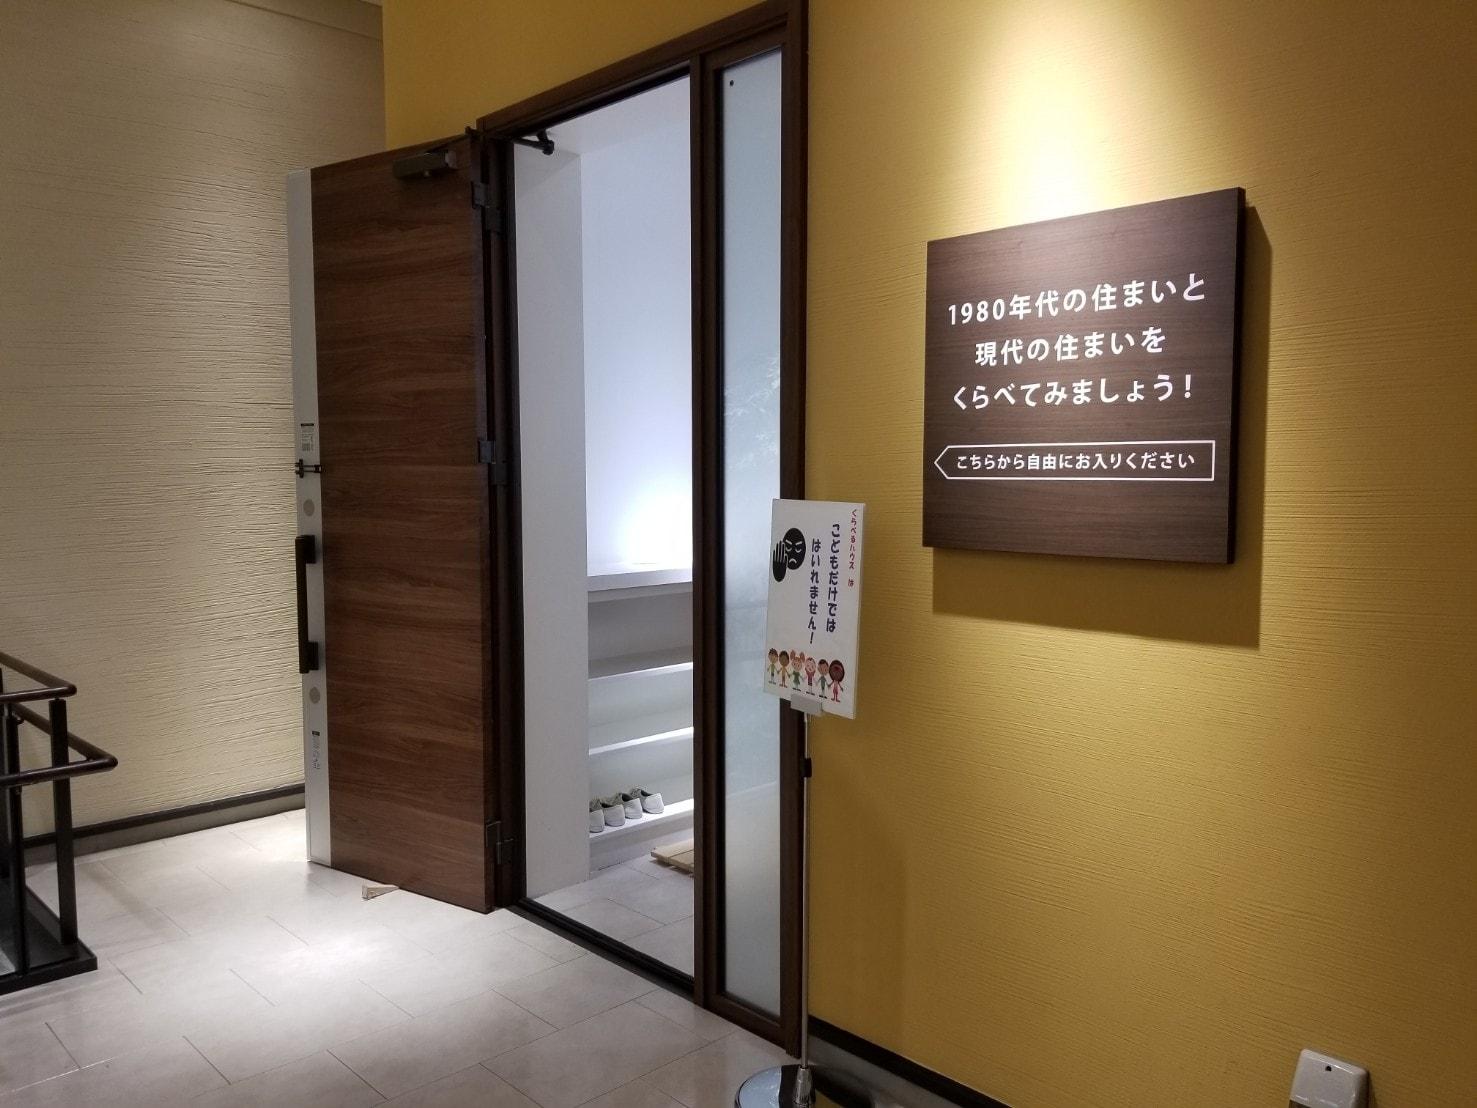 東京ガス横浜ショールーム